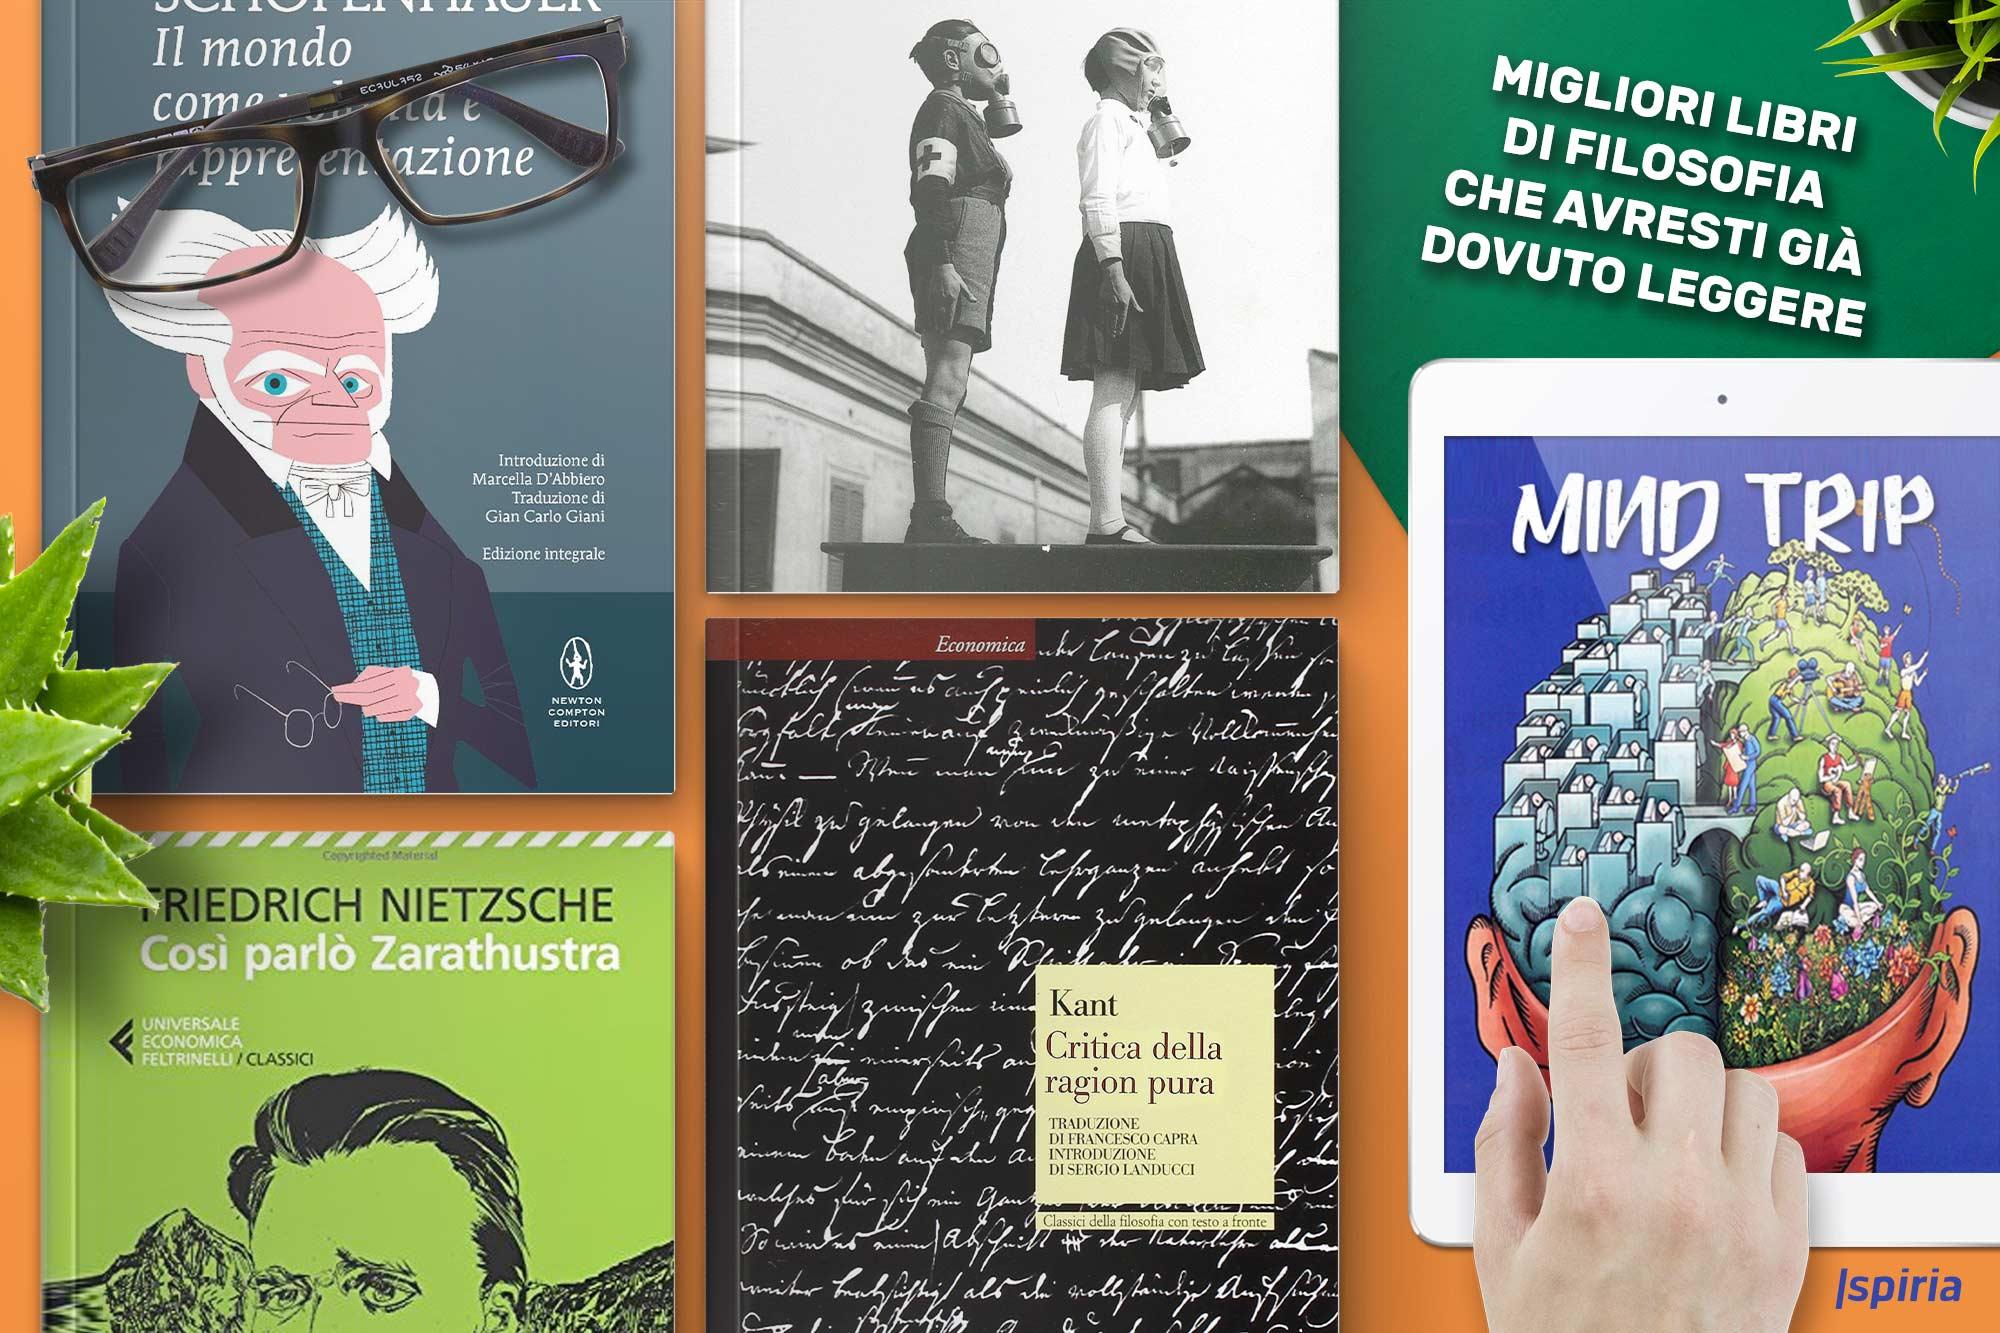 Migliori Libri Di Filosofia | I Migliori Libri Da Leggere Per Avvicinarsi Alla Filosofia